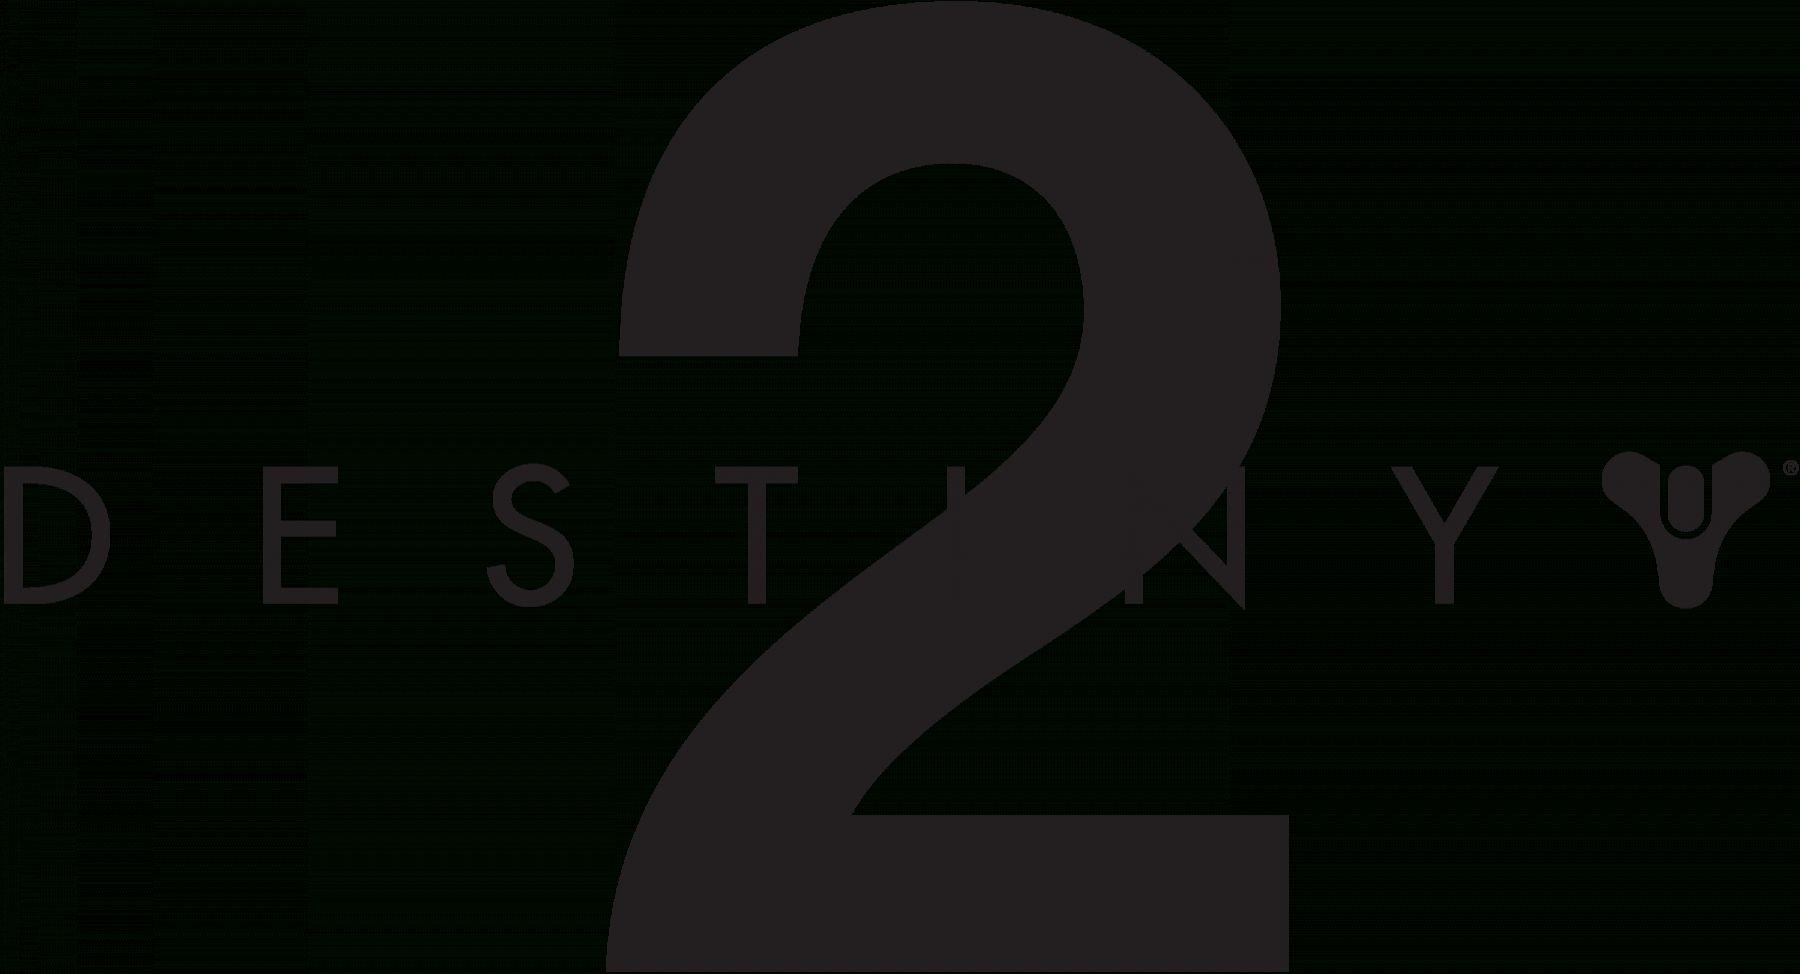 17 Destiny 2 Logo Png Logos Tech Company Logos Destiny